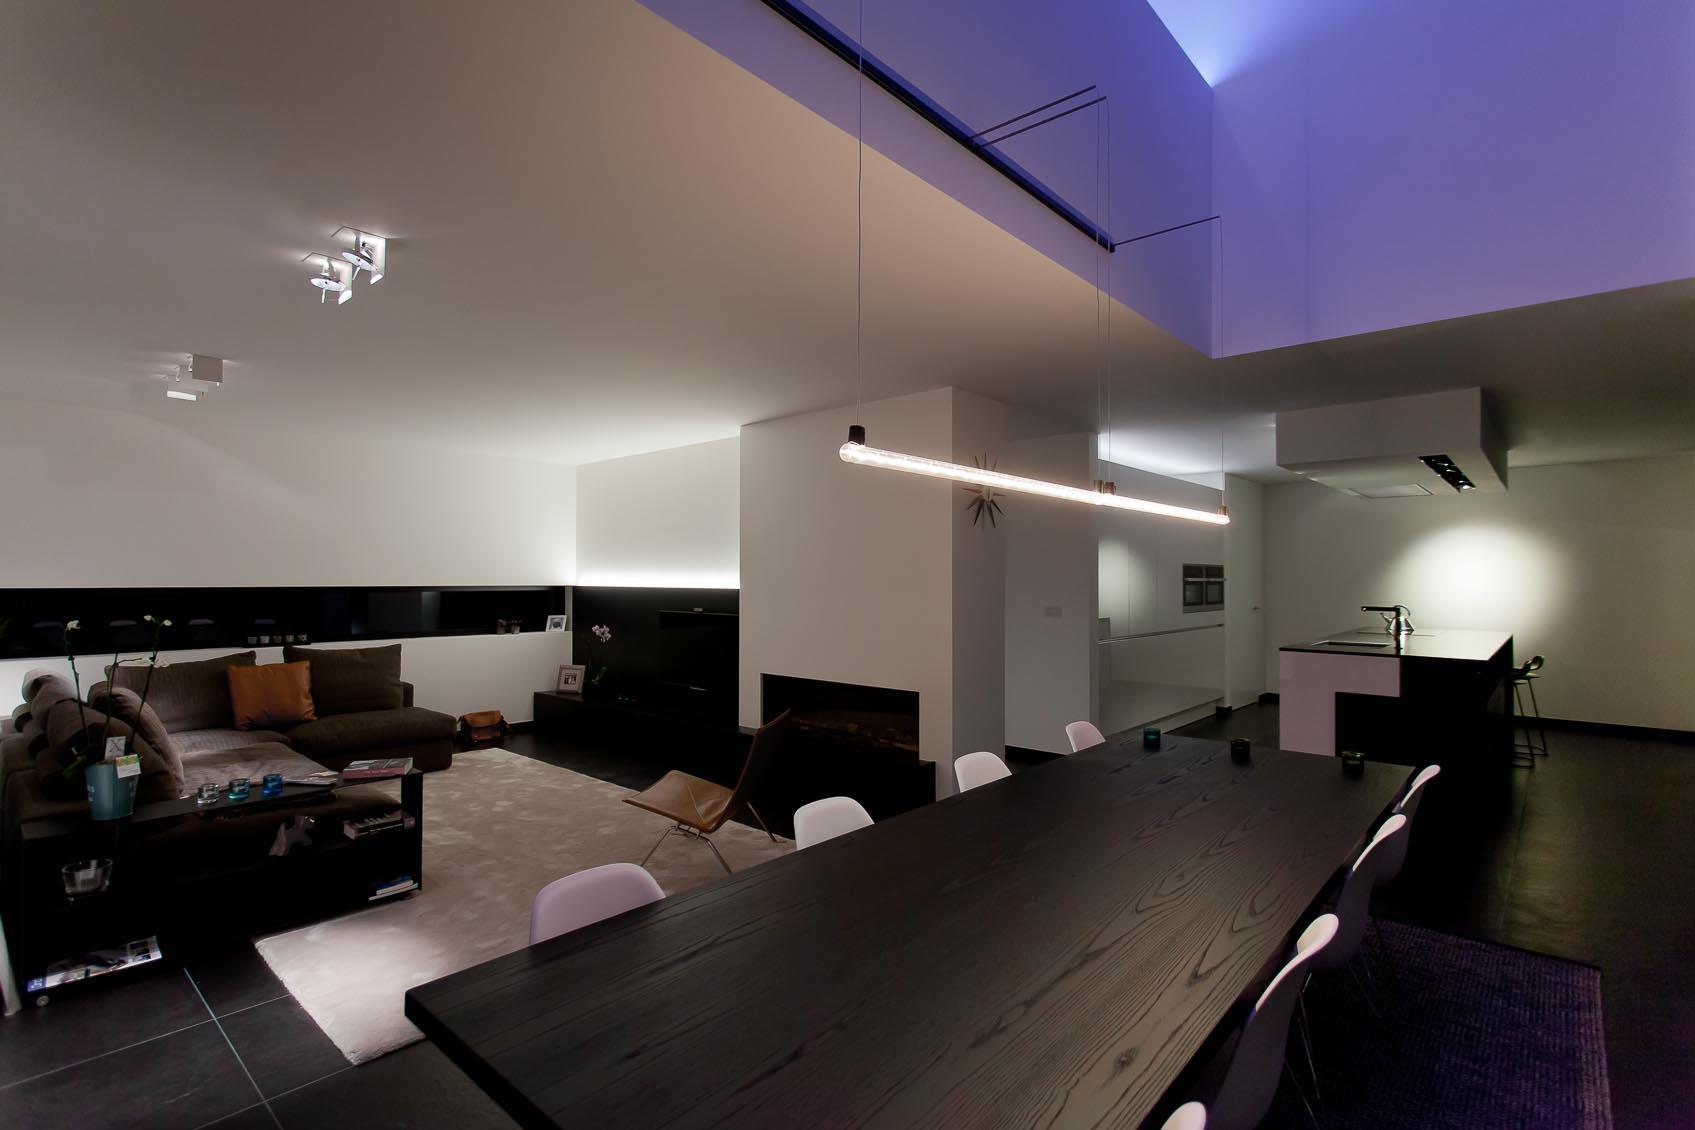 moderne nieuwbouwwoning een lichtplan op maat. Black Bedroom Furniture Sets. Home Design Ideas